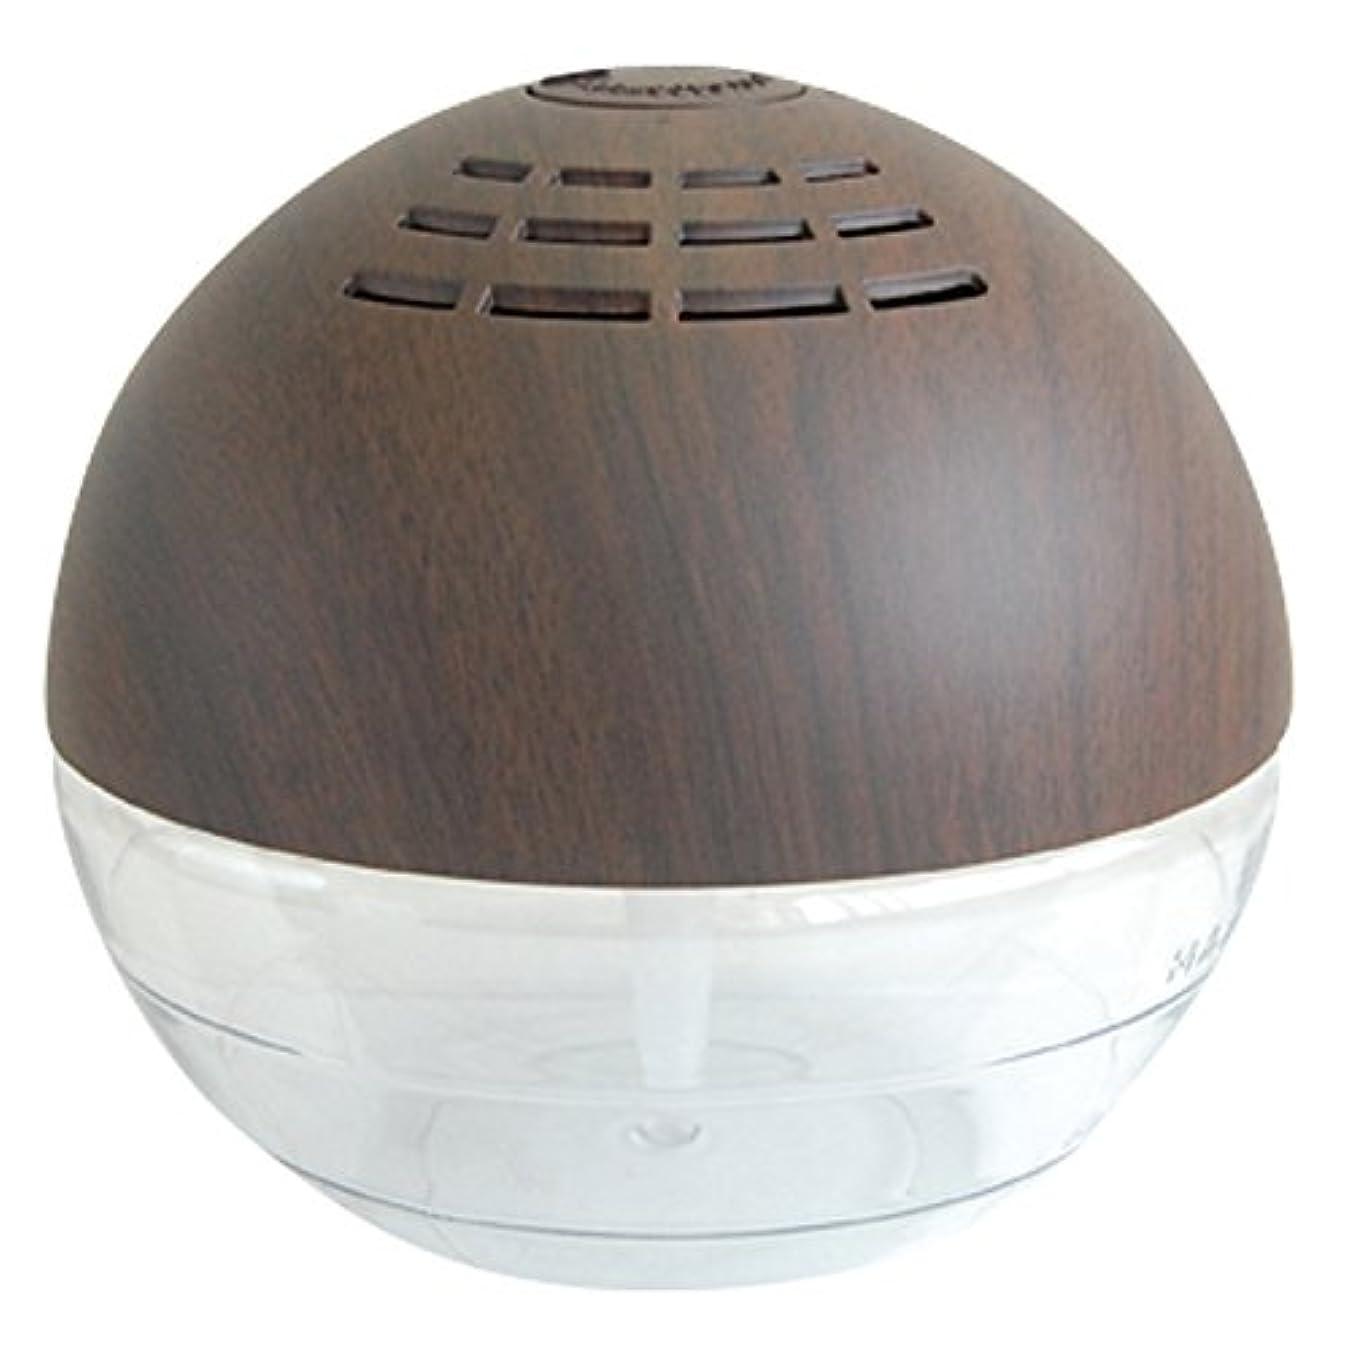 放射性重要性商人エアーフレッシュナ ウッディフィニッシュ マホガニー 空気清浄器 ナチュラル COCORO@modeウッドクラフト空気洗浄機